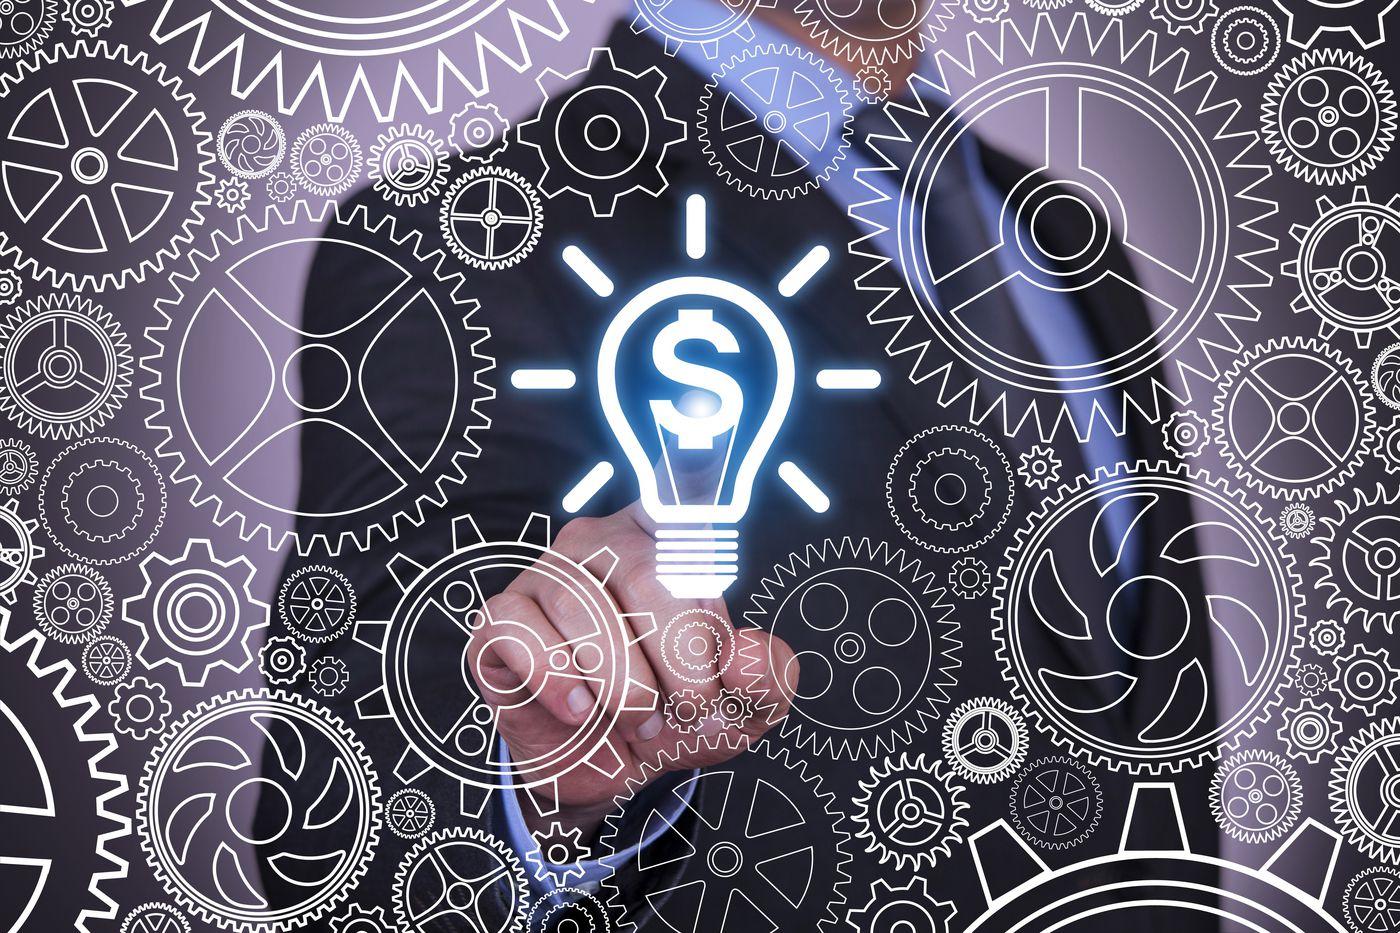 Gross Profits Lightbulb for Business